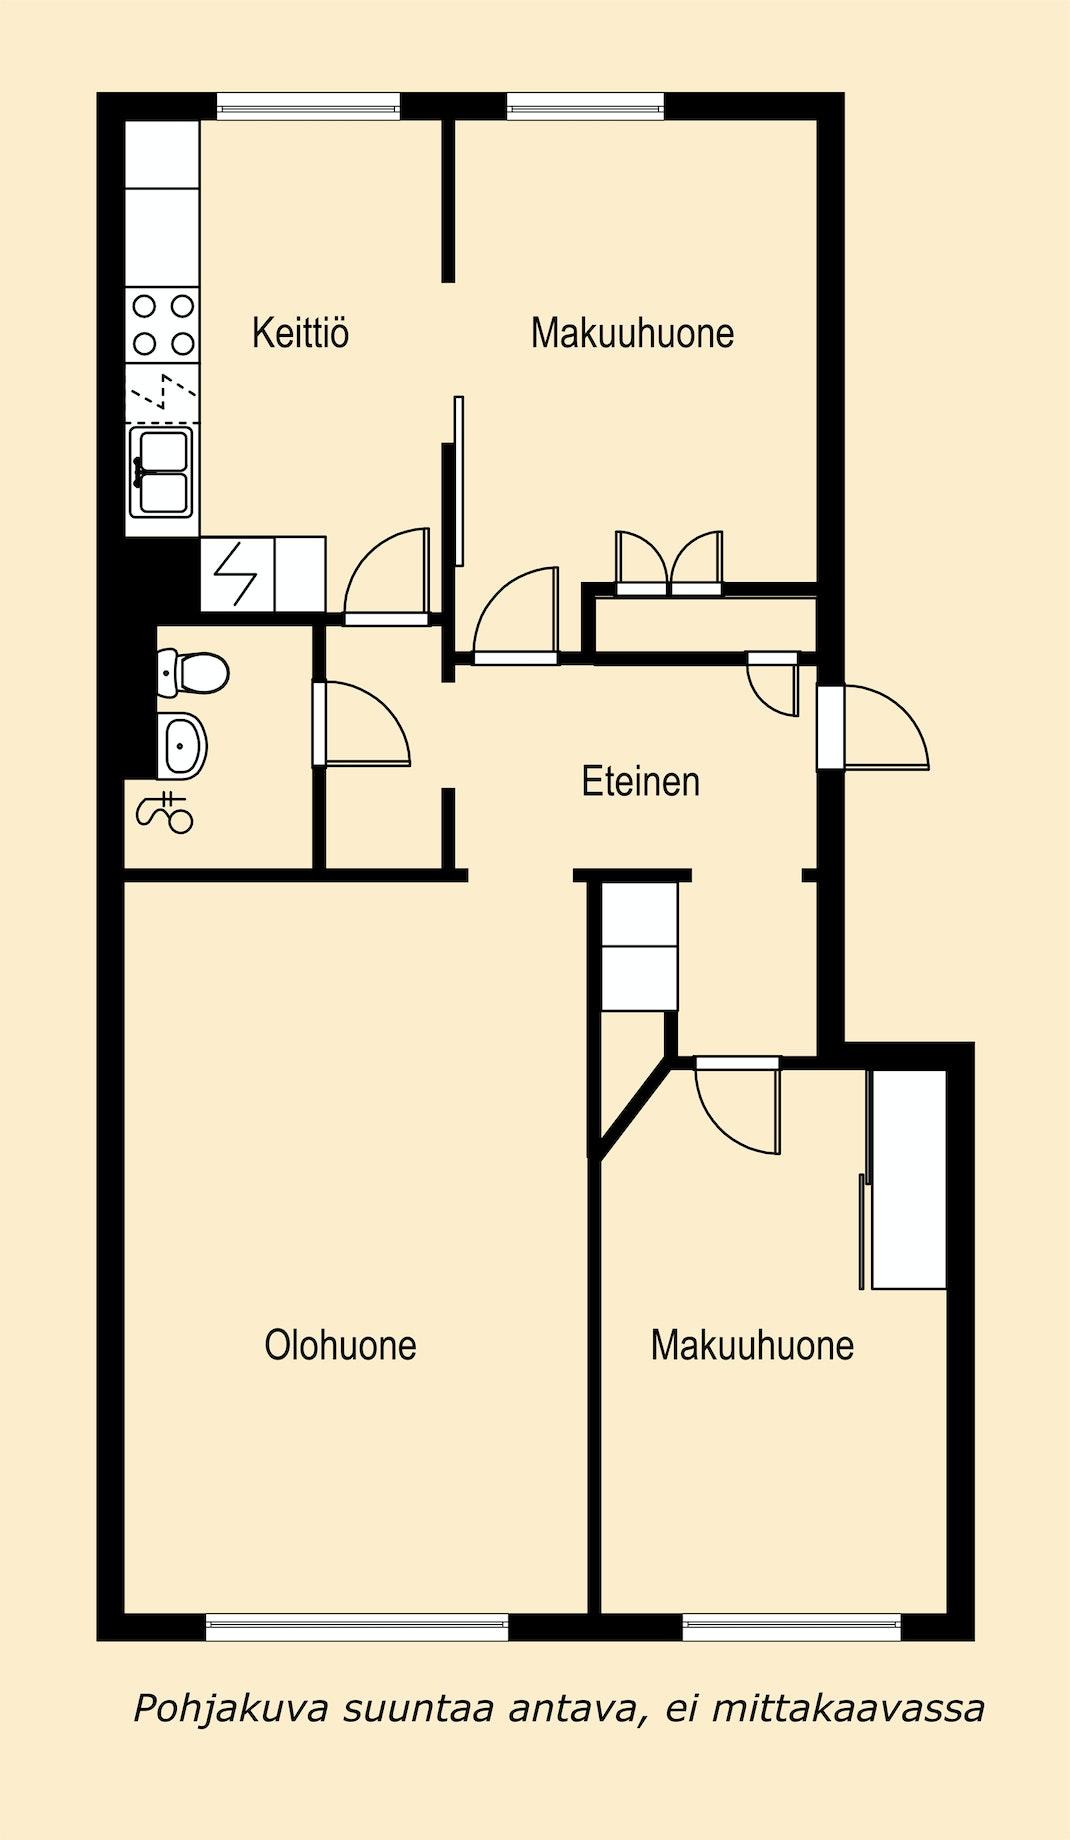 Kahden makuuhuoneen kerrostaloasunto Kalevassa Pohjakuva